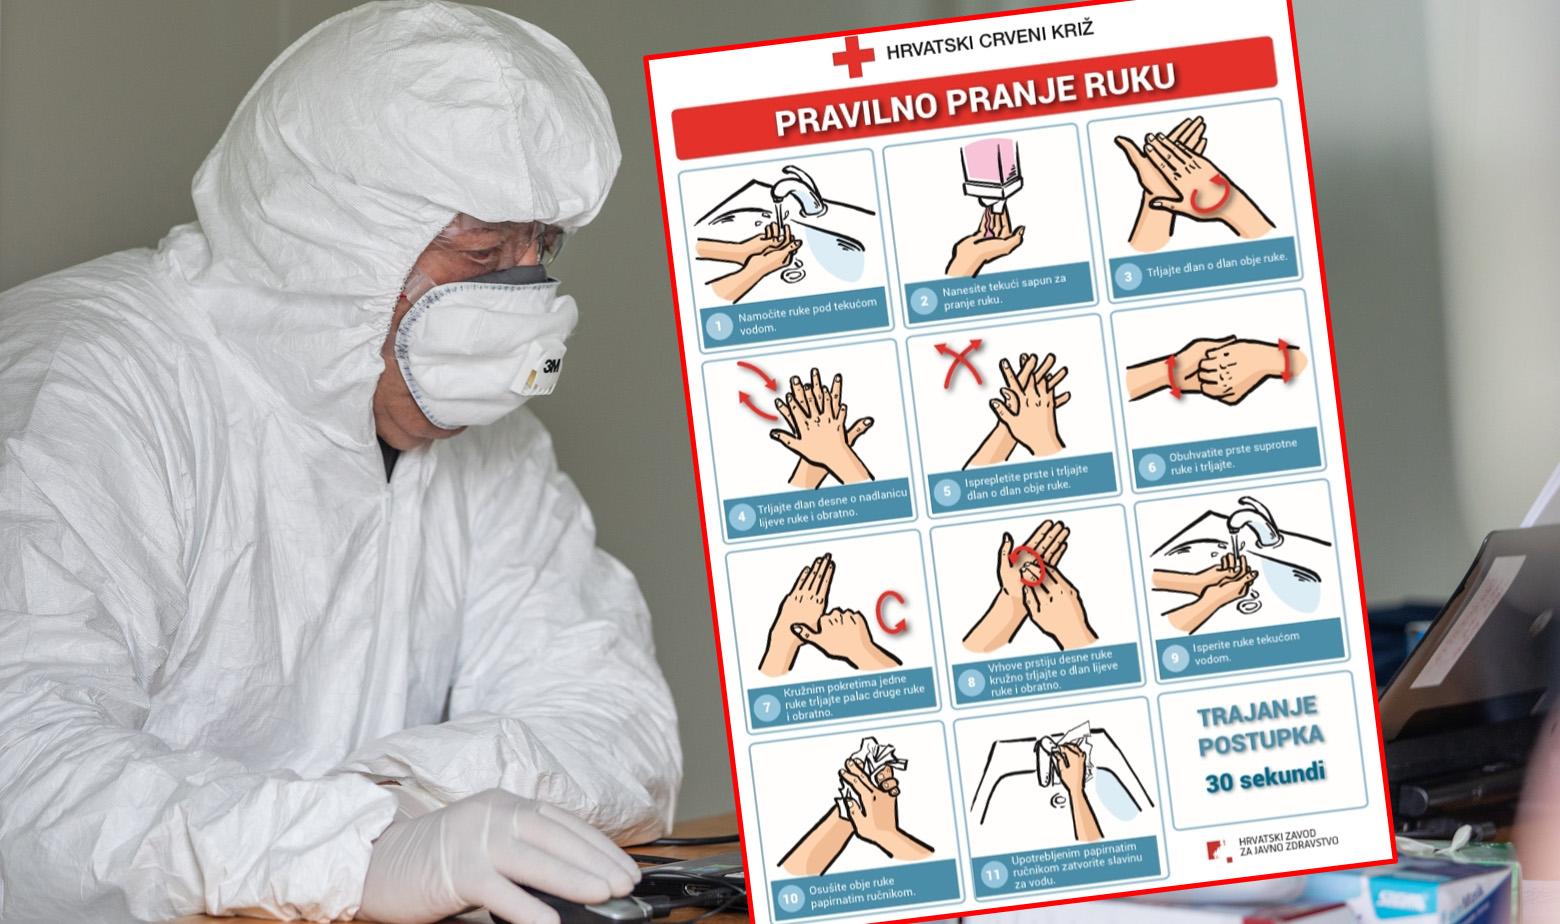 Pranje ruku upute koronavirus